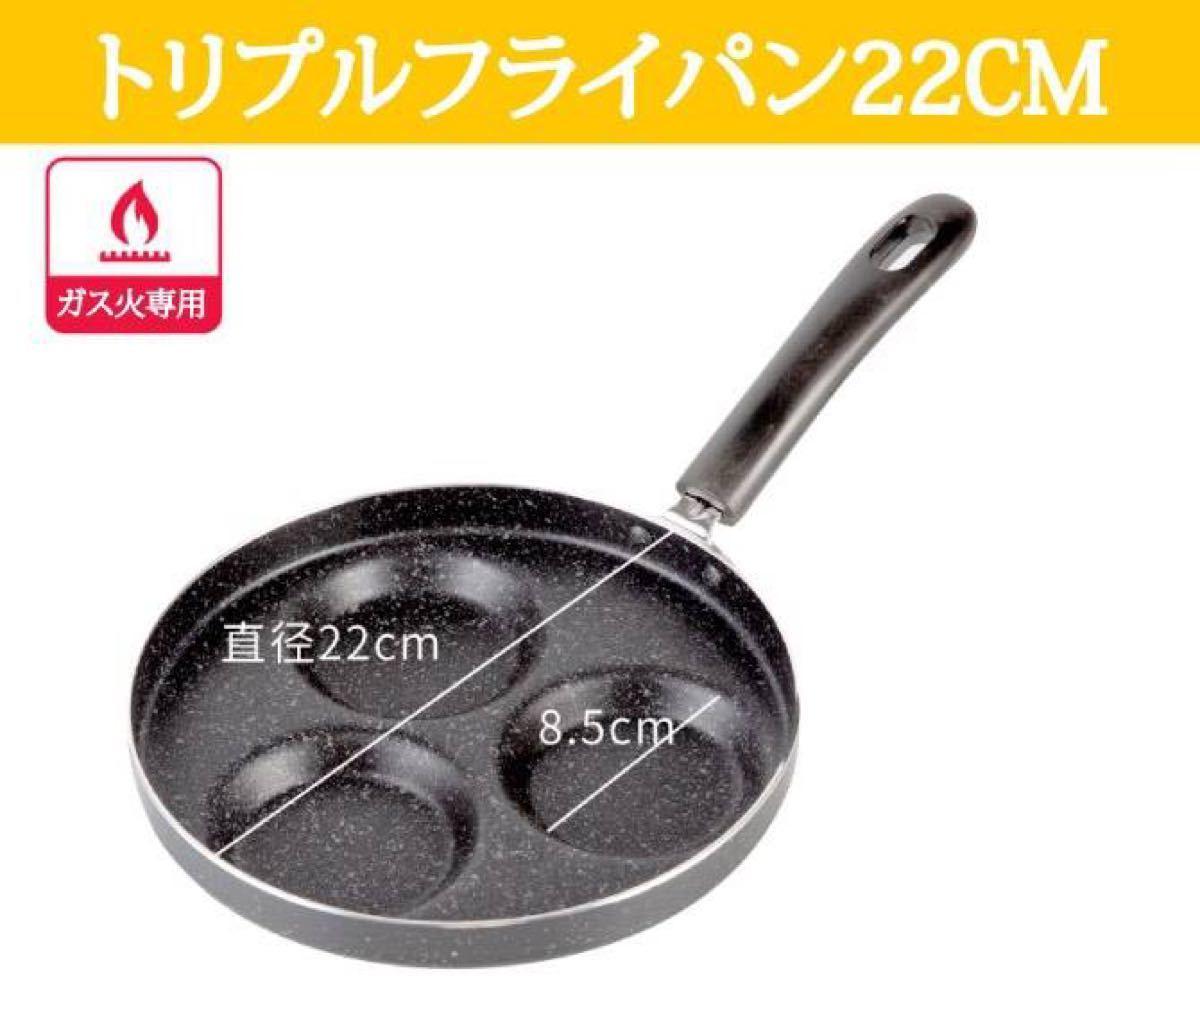 ガス火専用 三食トリプルフライパン 3穴目玉焼きフライパン22cm